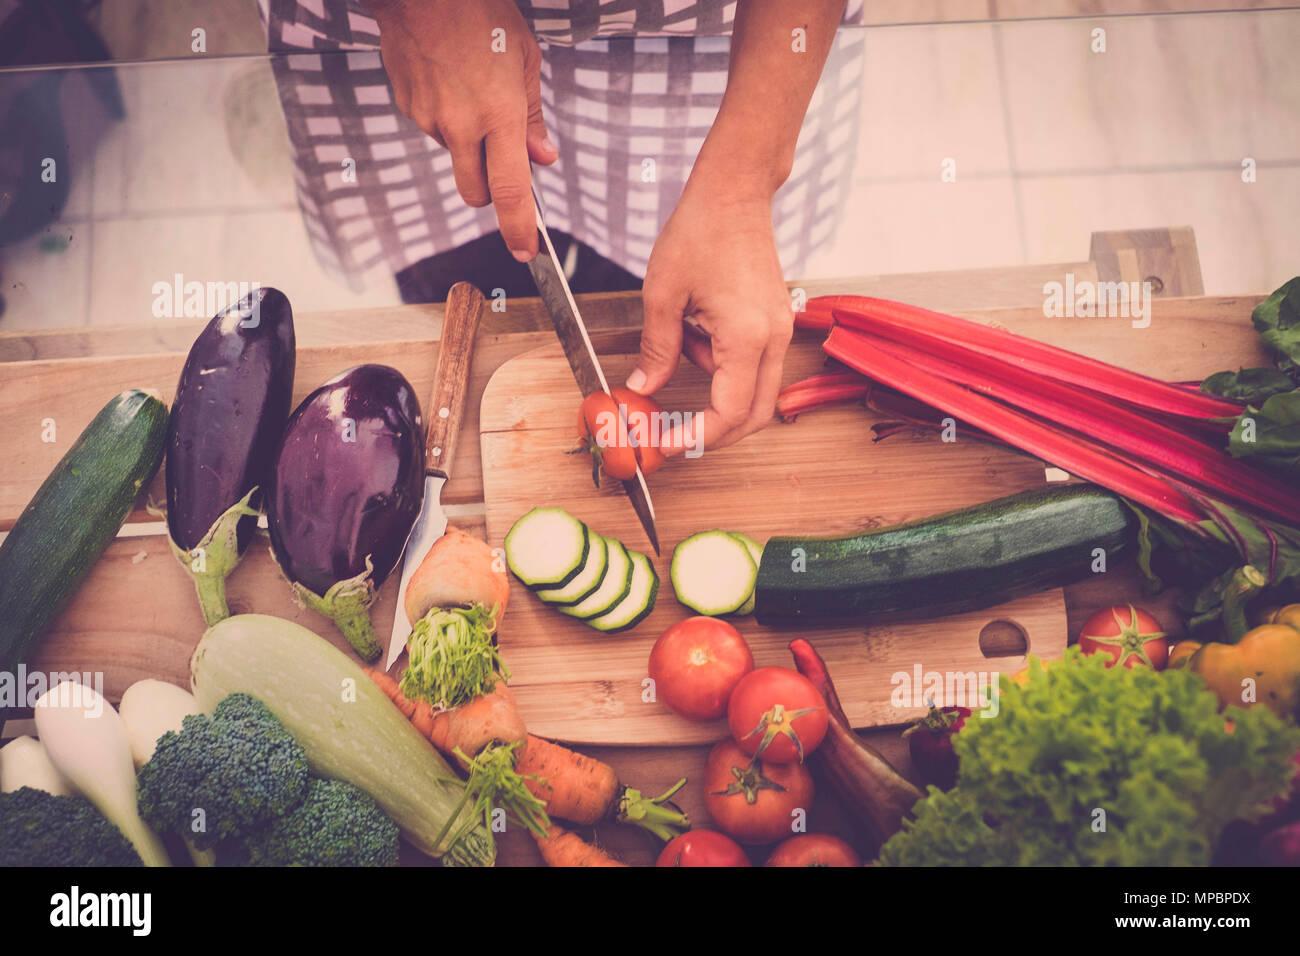 Libre de la main de la cuisson des aliments, légumes salade en cuisine. La préparation de repas frais dans la cuisine. Healhty concept de vie à la maison manger cru dans Photo Stock